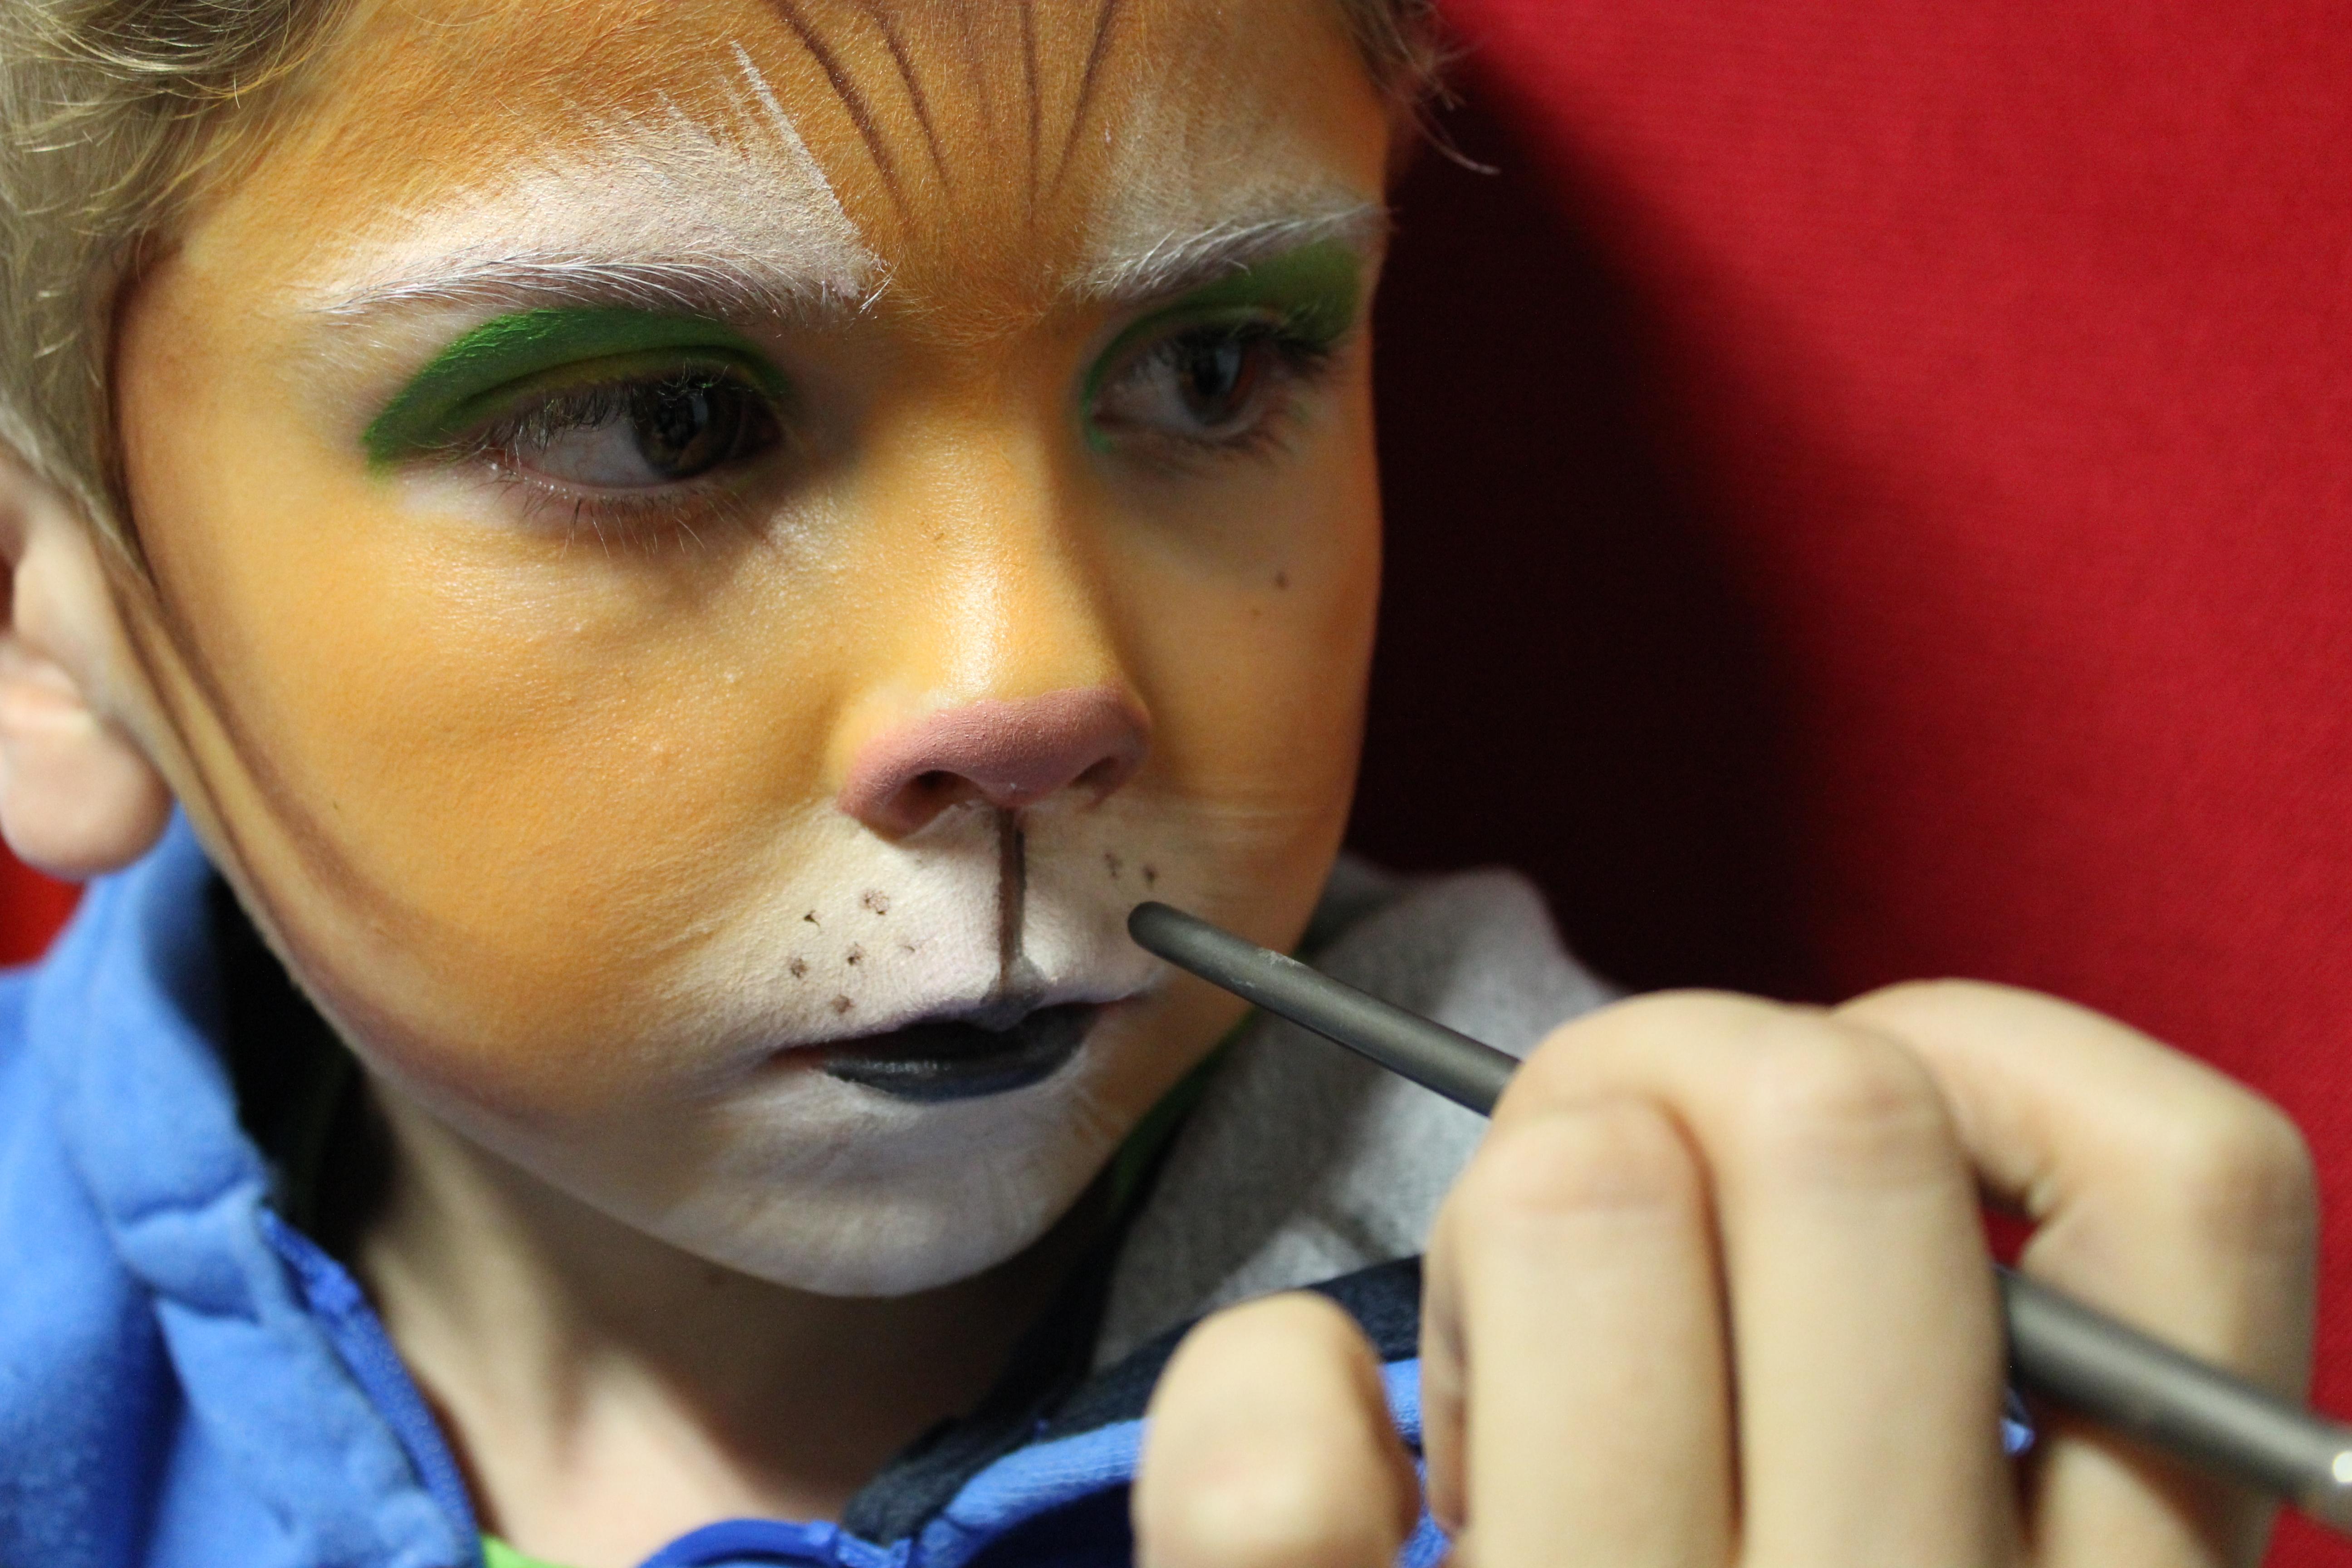 Pintura Para Cara Nios Snazaroo La Pintura Facial Y Corporal